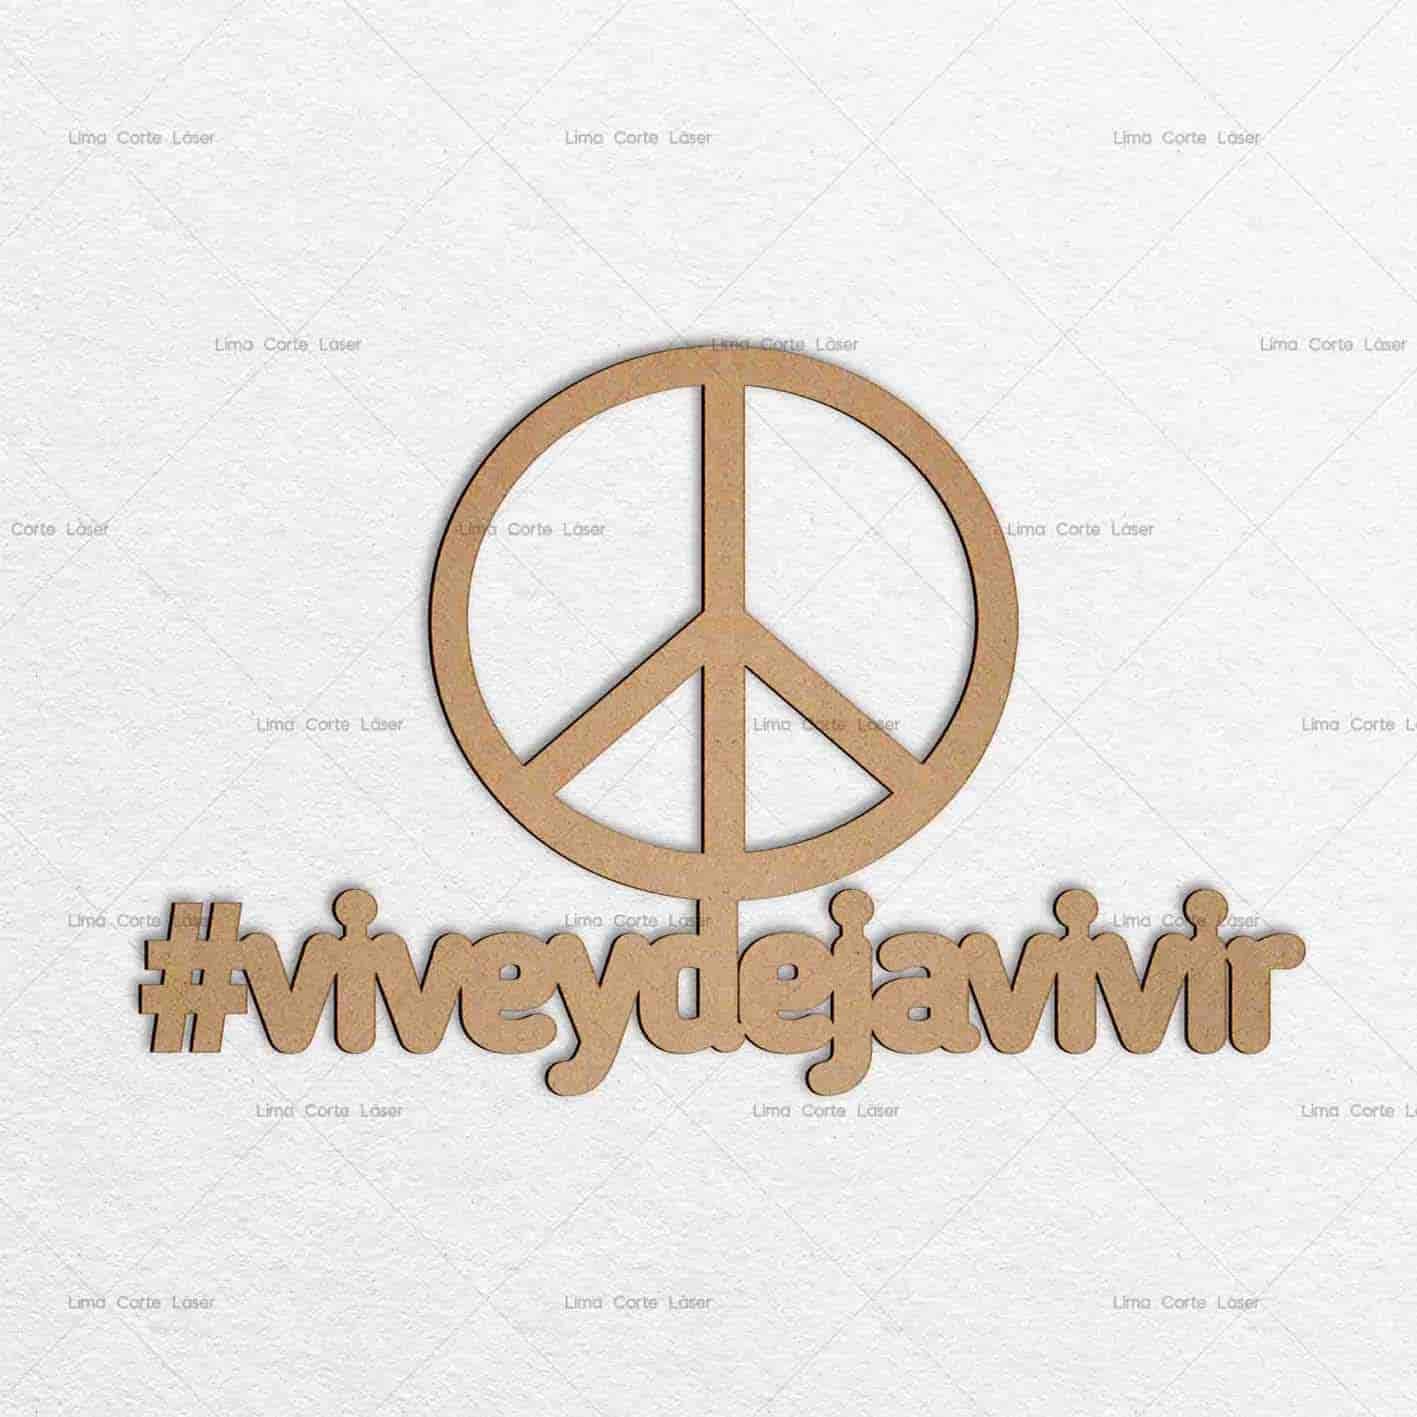 Adorno para pared con el hashtag #viveydejavivir hecho de mdf y cortado con láser